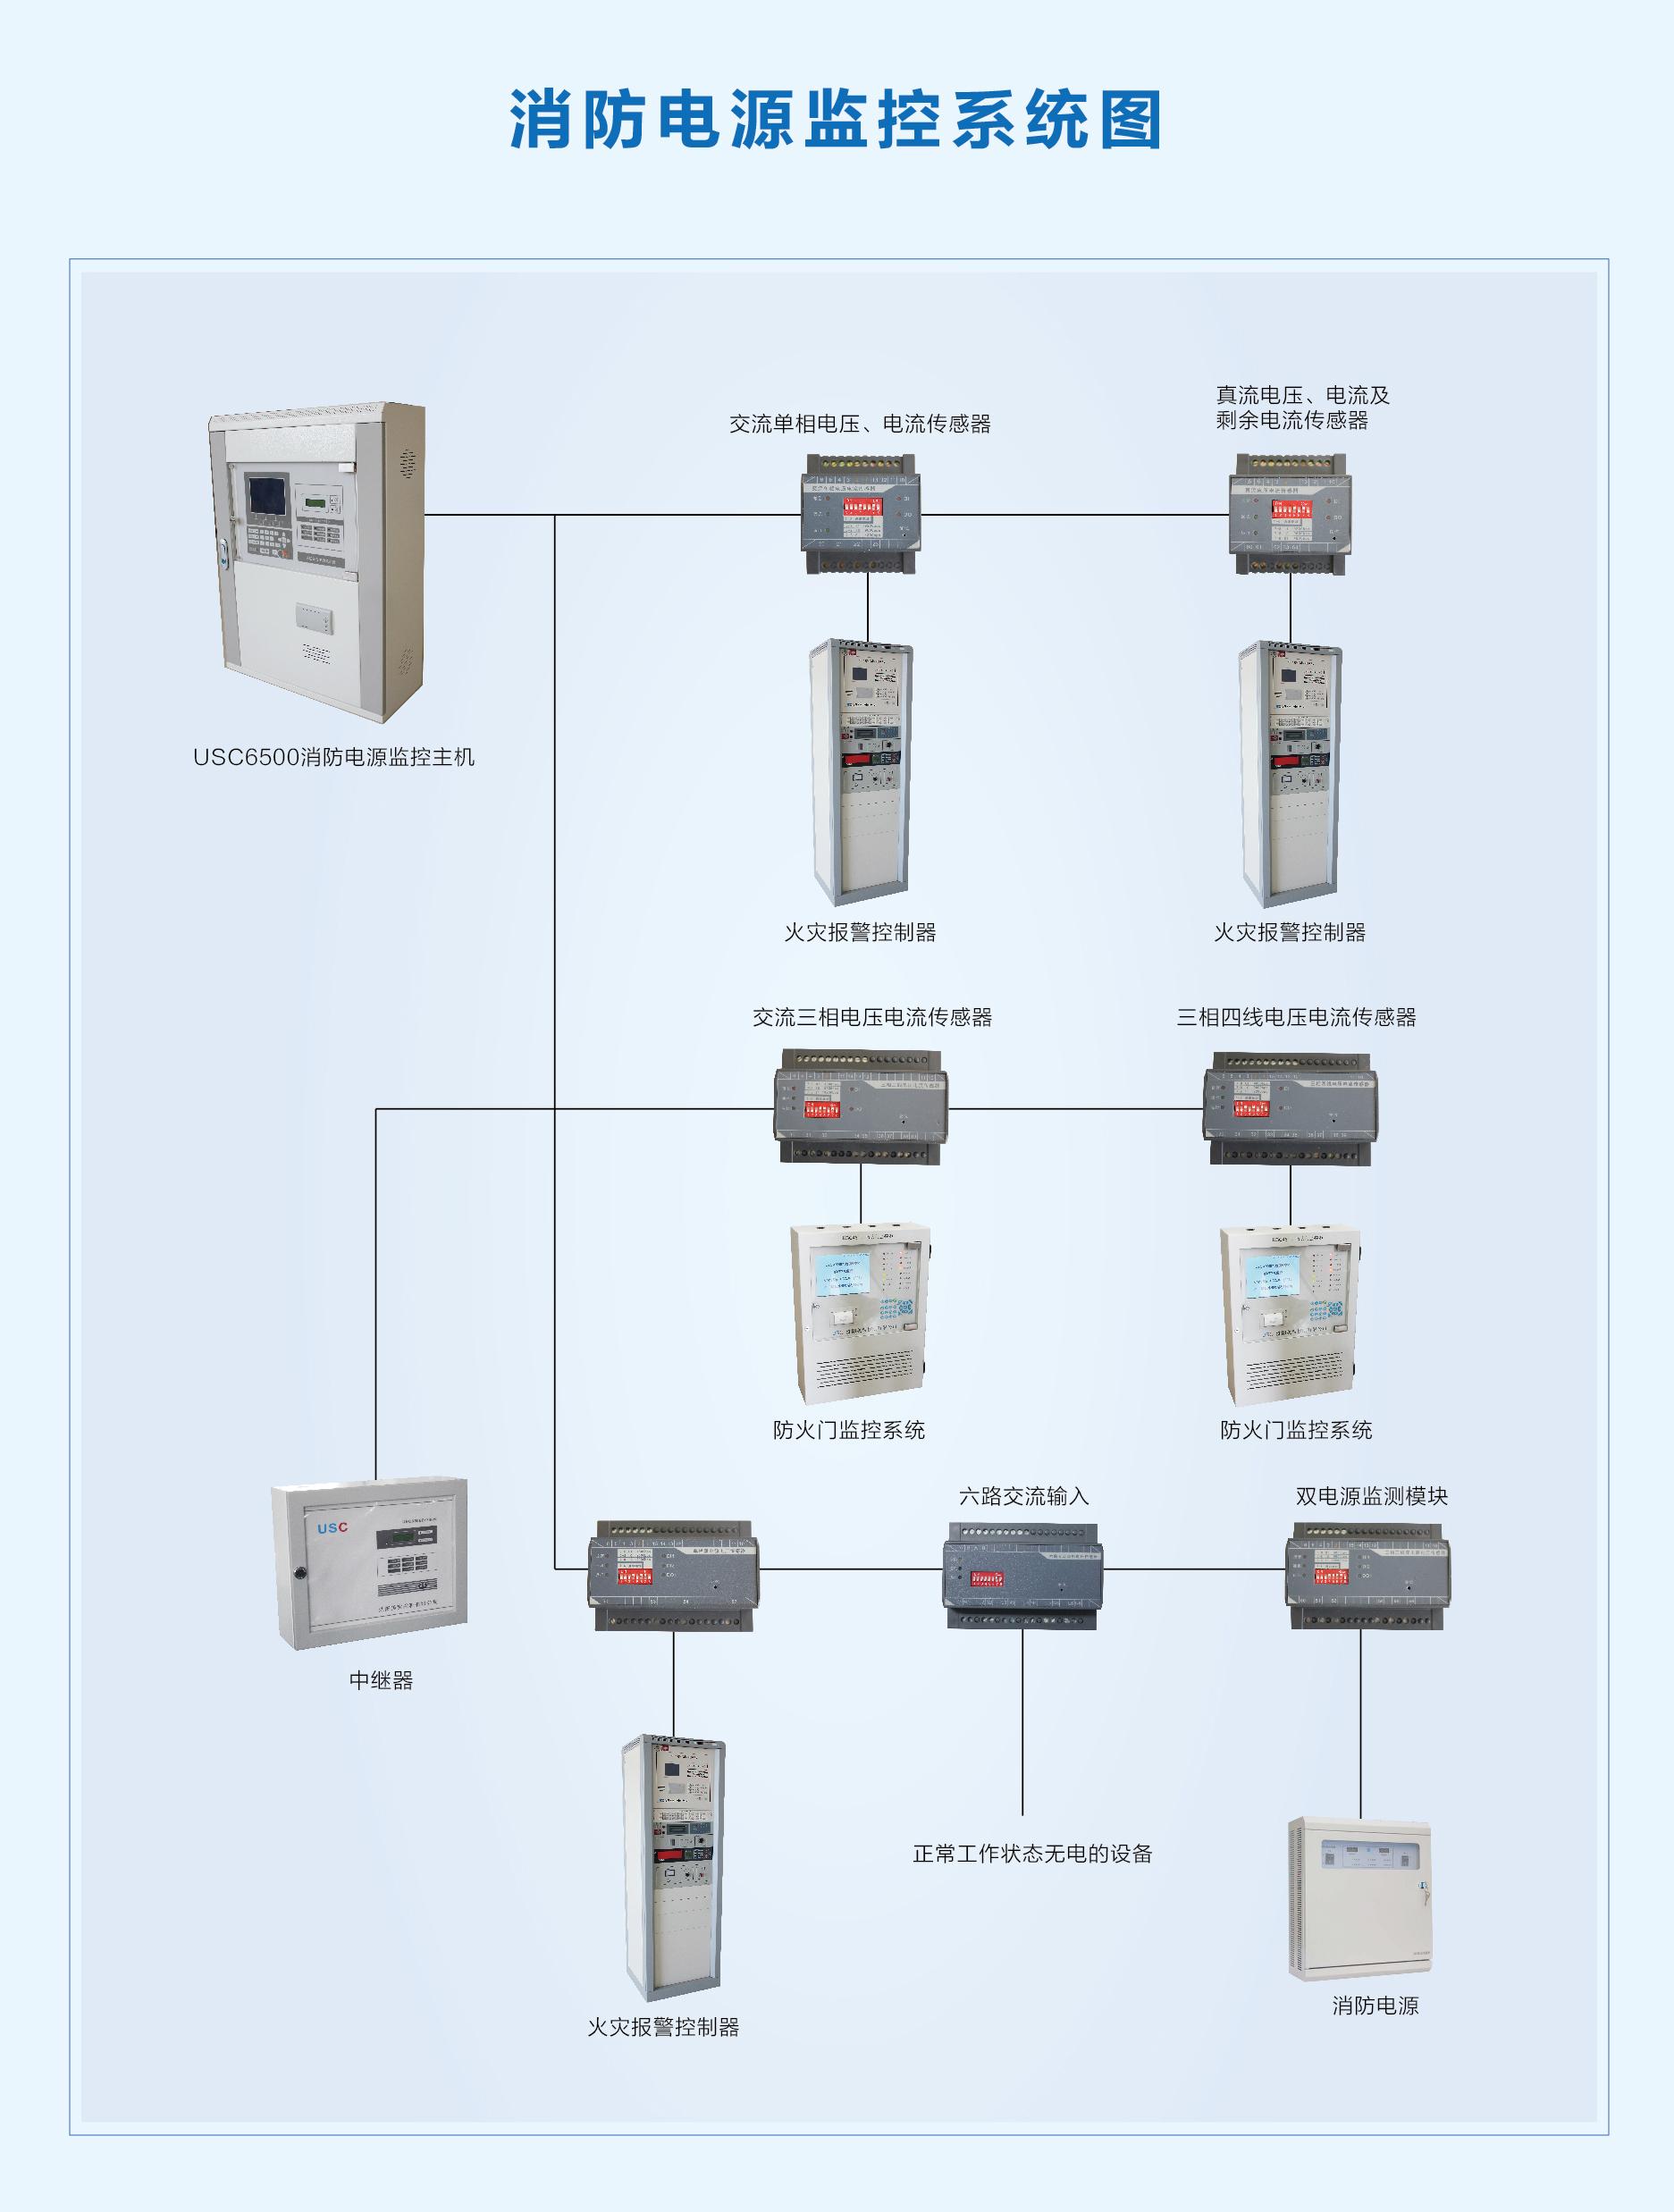 消防設備電源監控系統-系統圖